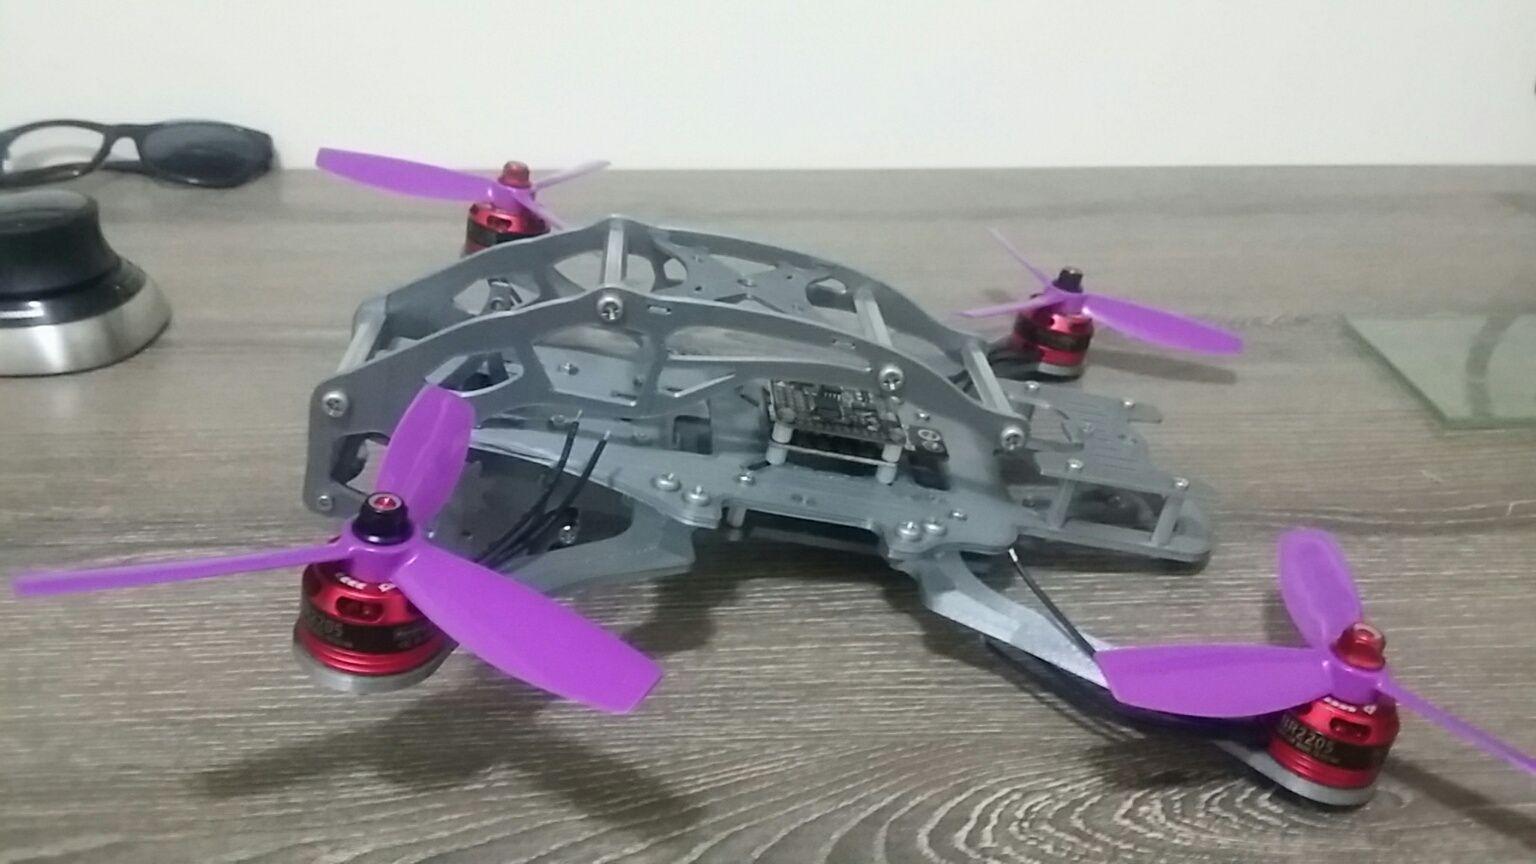 Drone-photoshoot-2-3500-3500